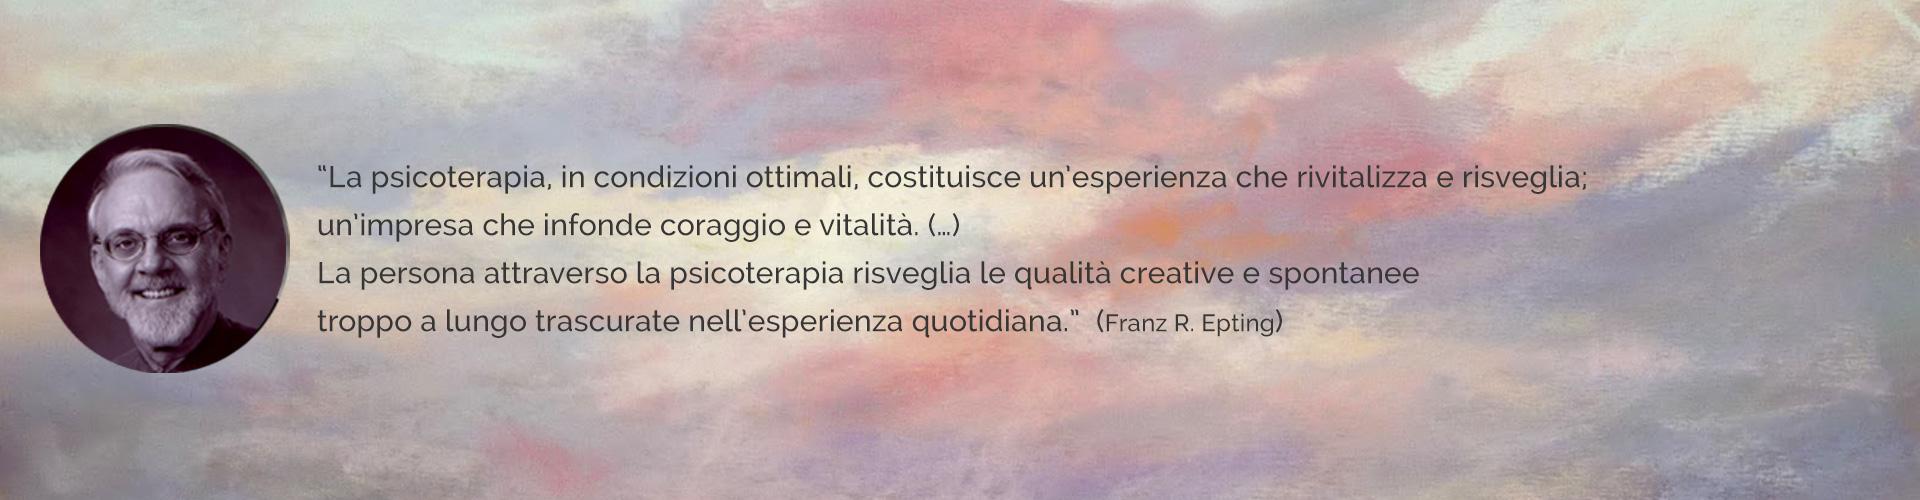 Psicologa Psicoterapeuta Bologna - Dott.ssa Maria Giulia Ponzellini - citazione Epting